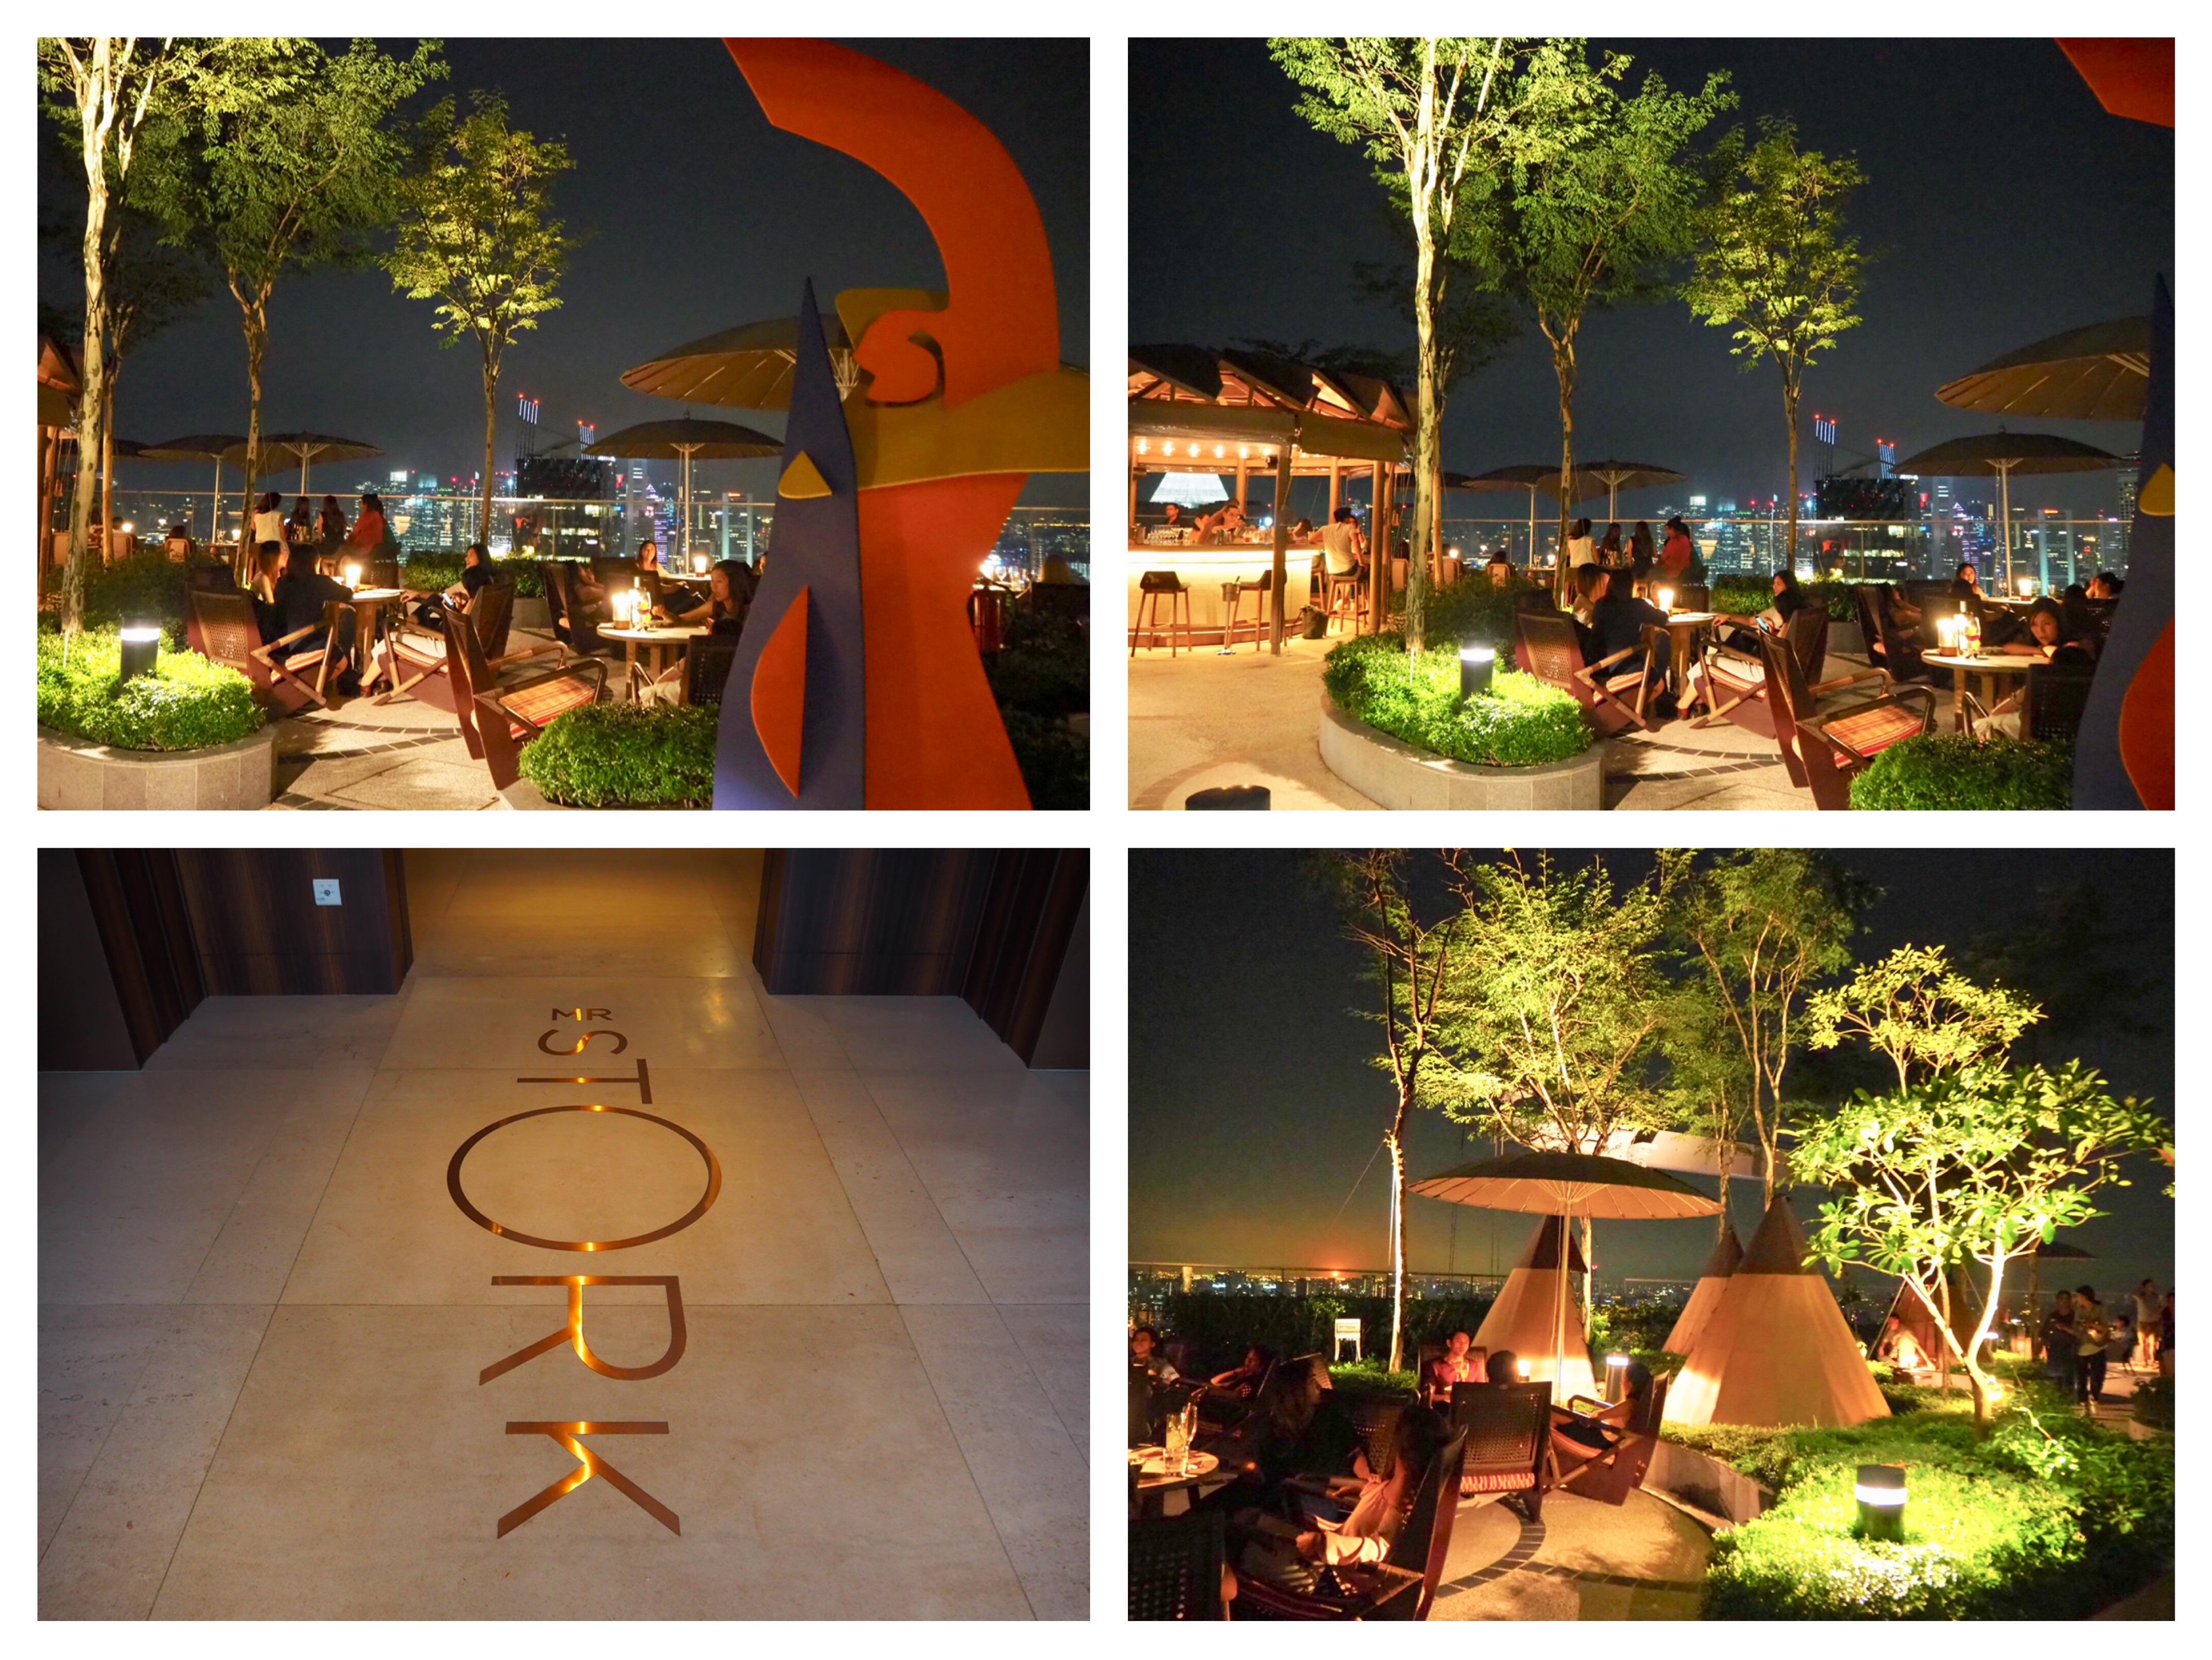 img 6045 - Andaz Singapore - ハイアット系列五つ星ホテル「アンダーズシンガポール」にまた泊まりたい理由